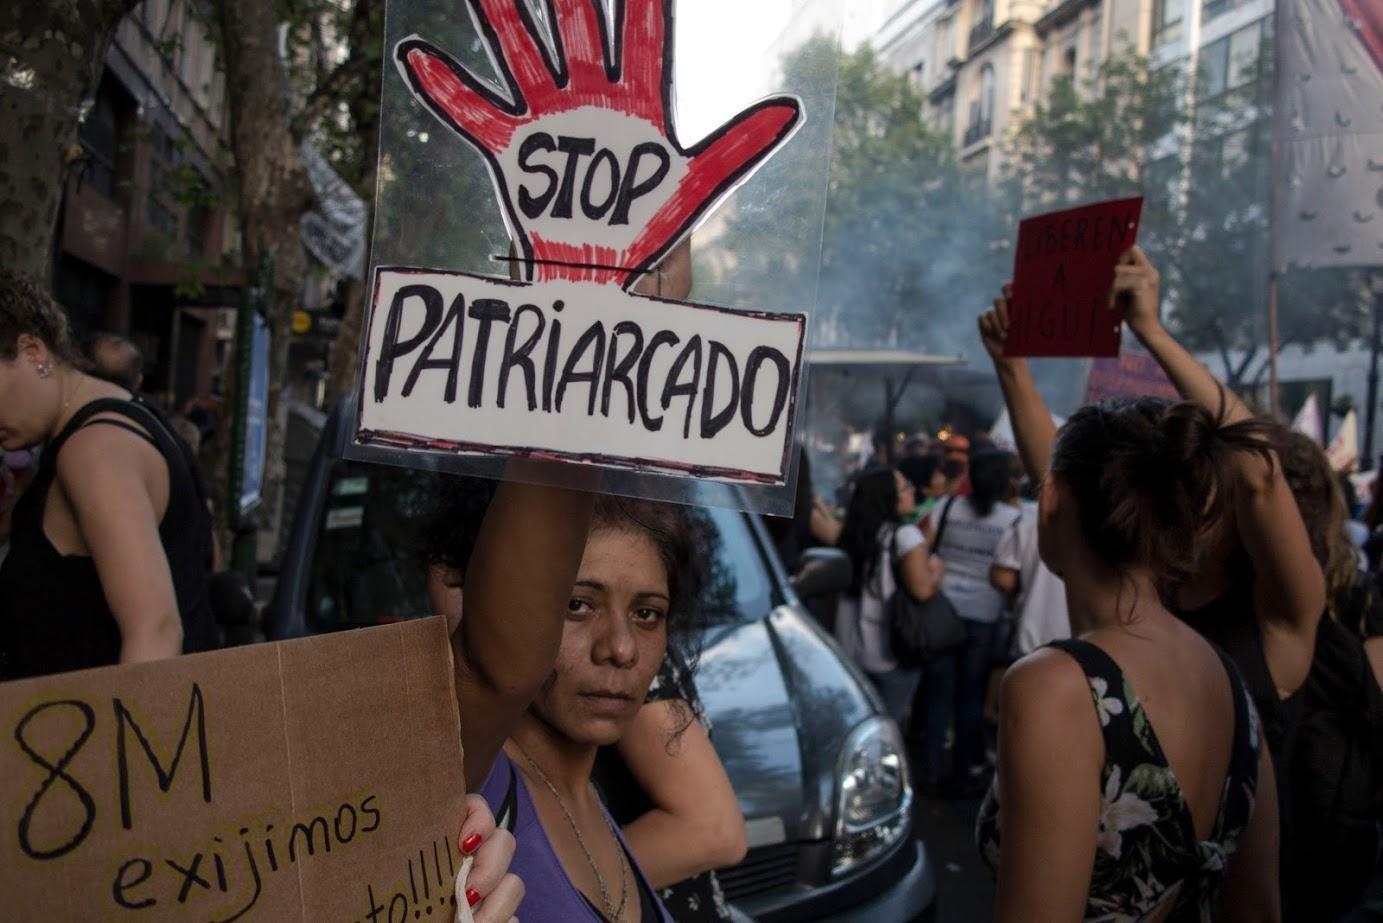 Fotografía color tomada durante una marcha del 8M, Día Internacional de la Mujer. En la calle, una mujer sostiene un cartel con el texto: Stop patriarcado.